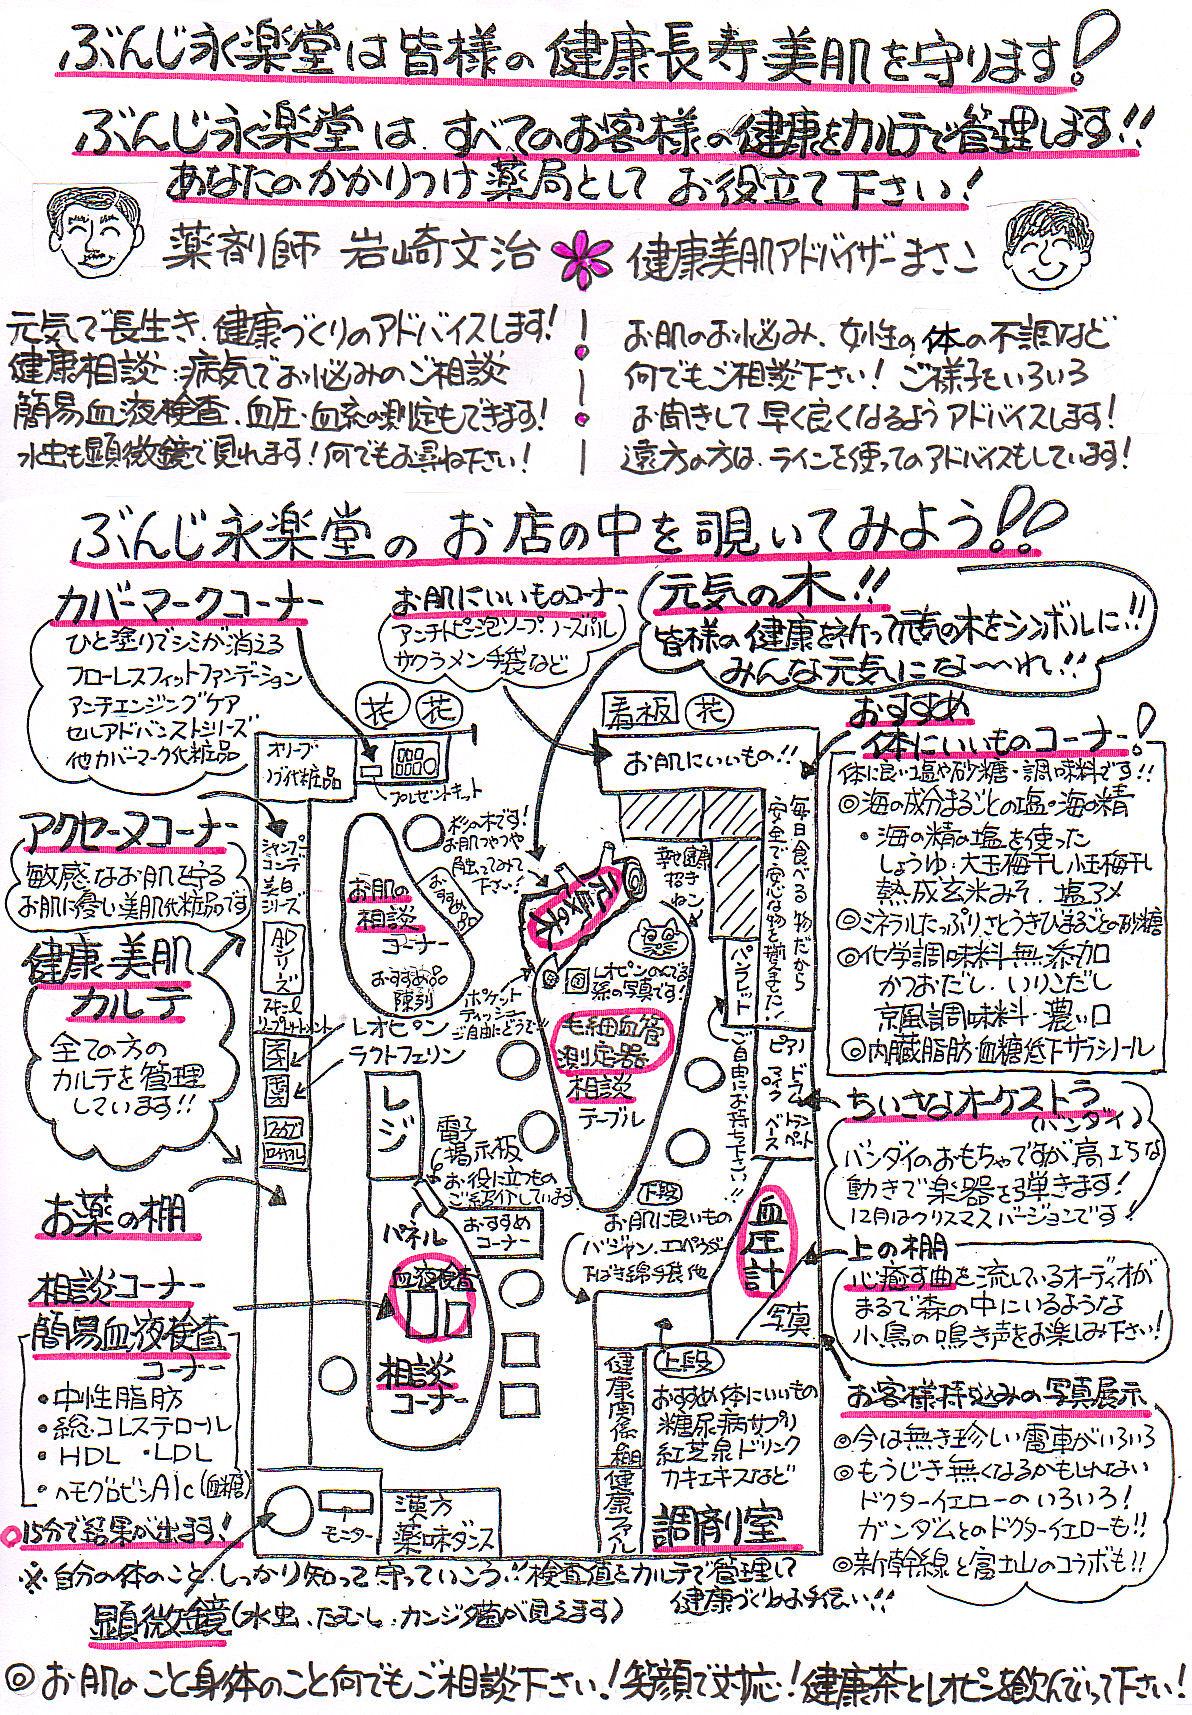 ぶんじ永楽堂ご紹介